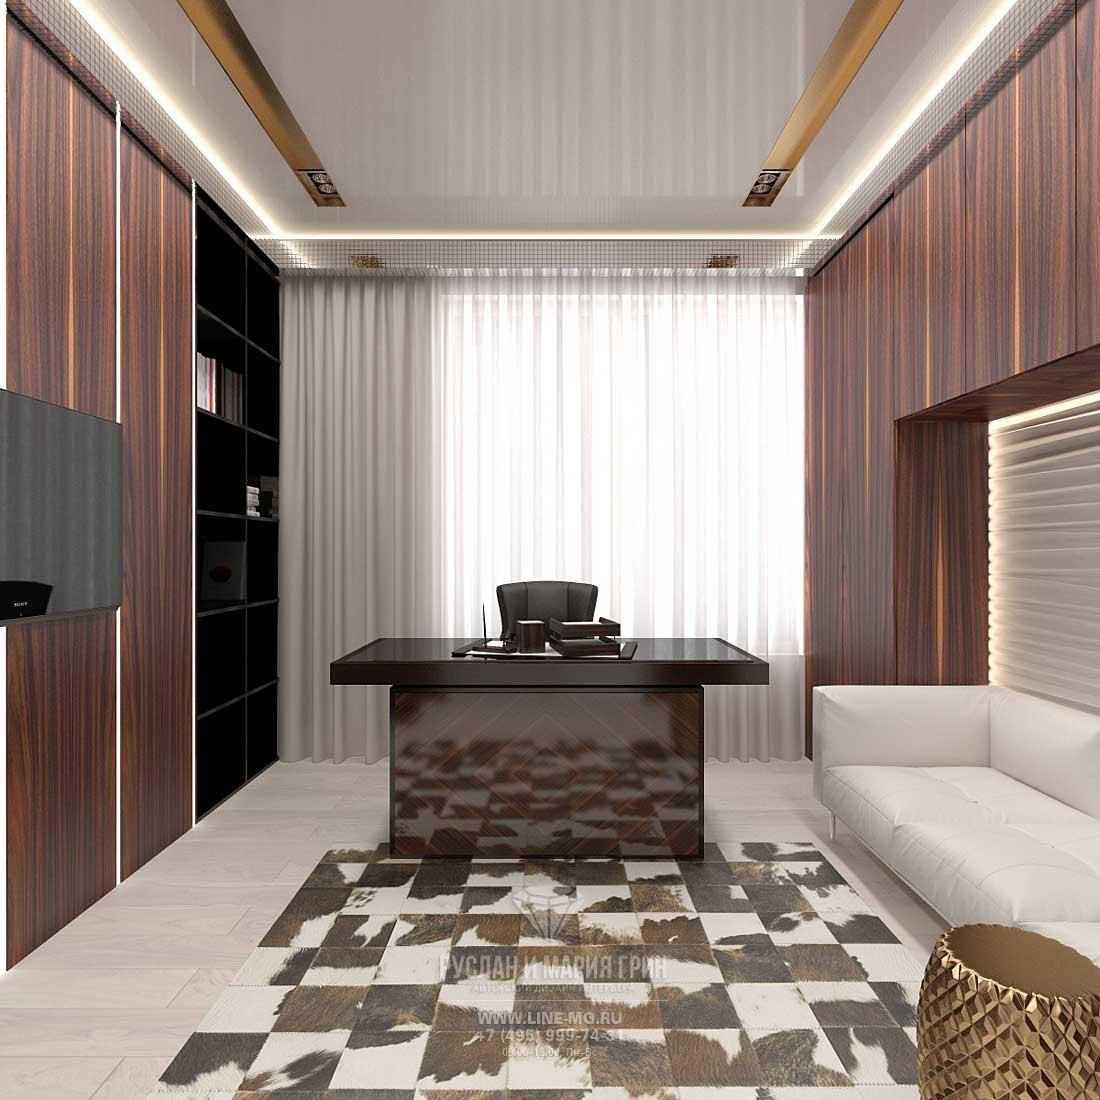 Дизайн интерьера кабинета в квартире. Фото 2016